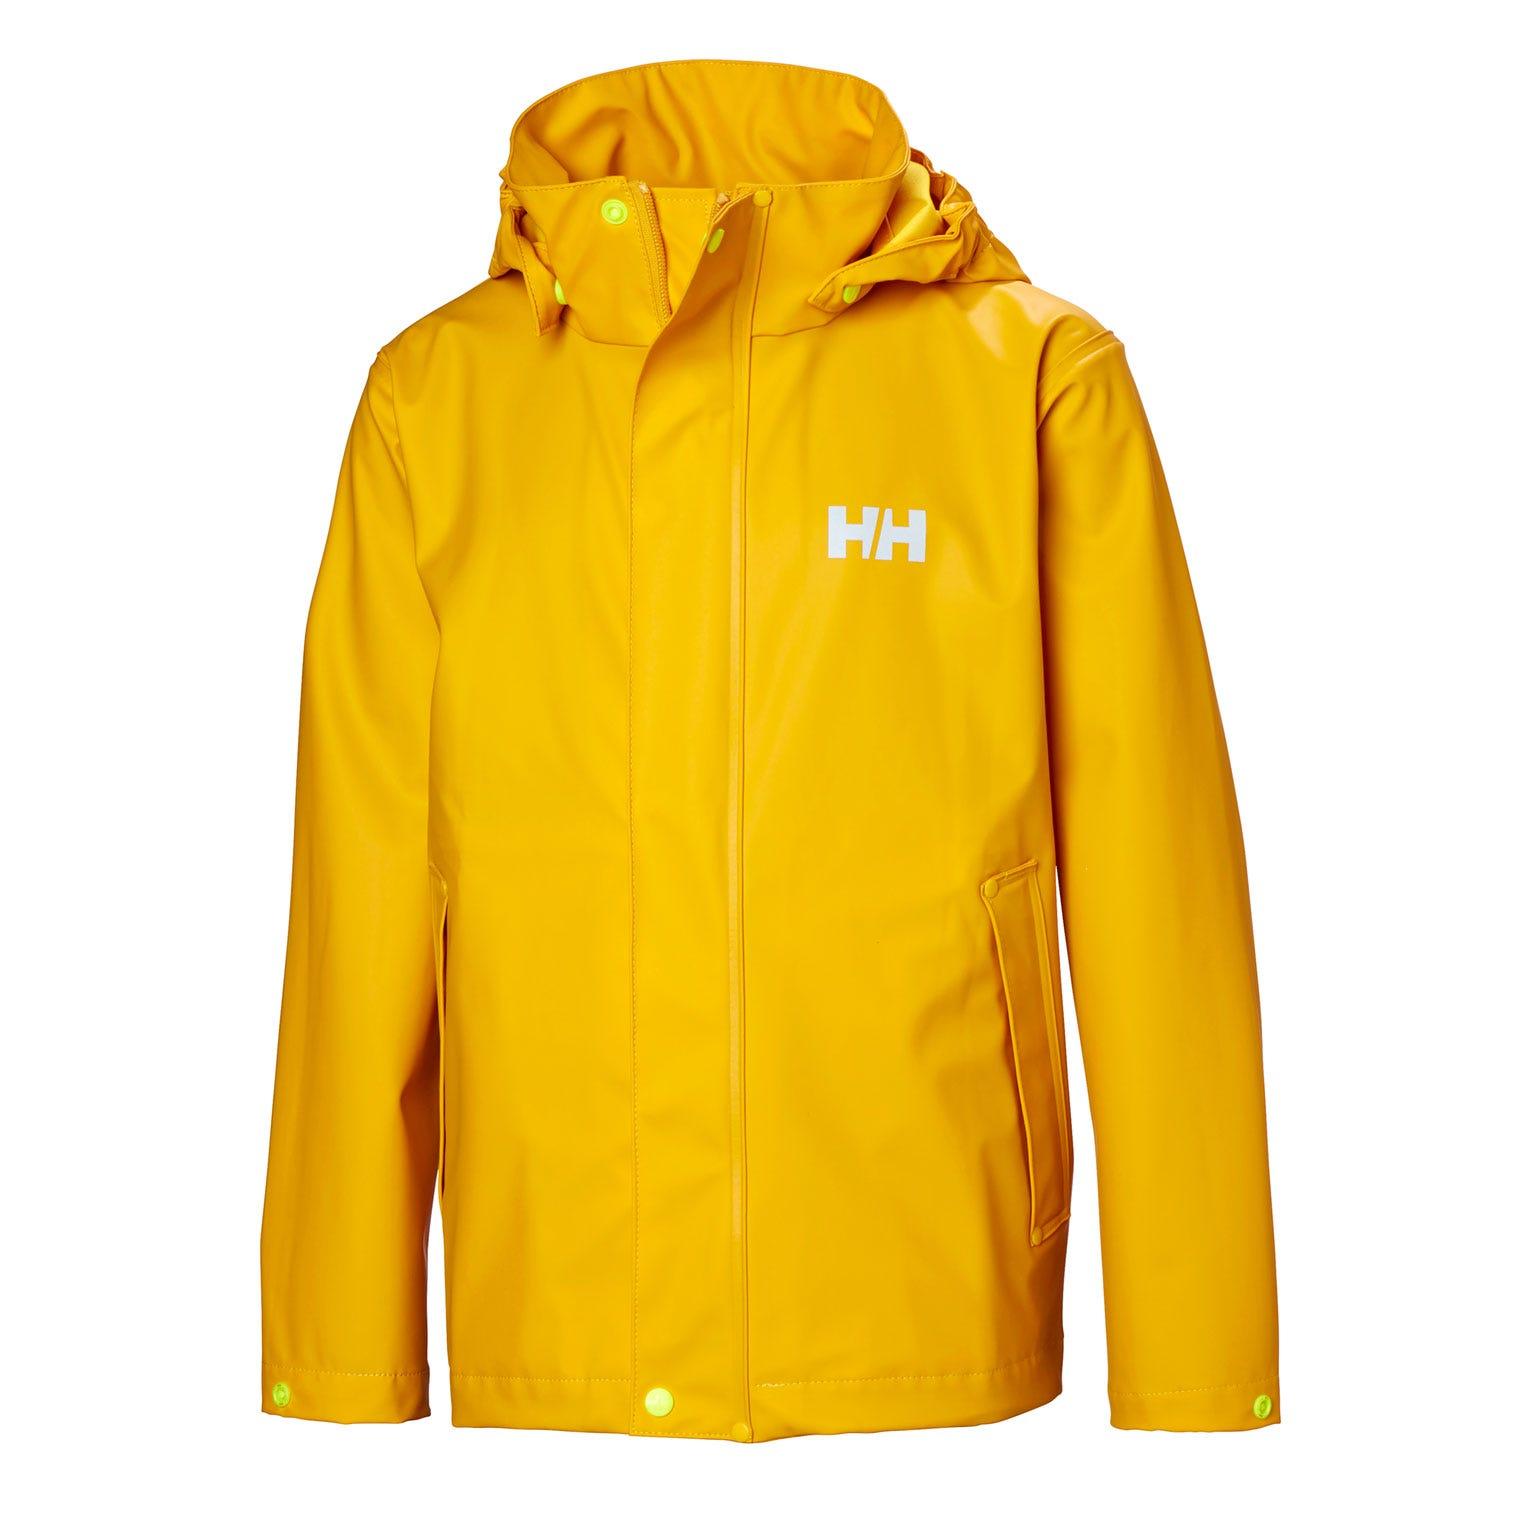 Helly Hansen Childrens Jr Moss Waterproof Rain Shell Pant